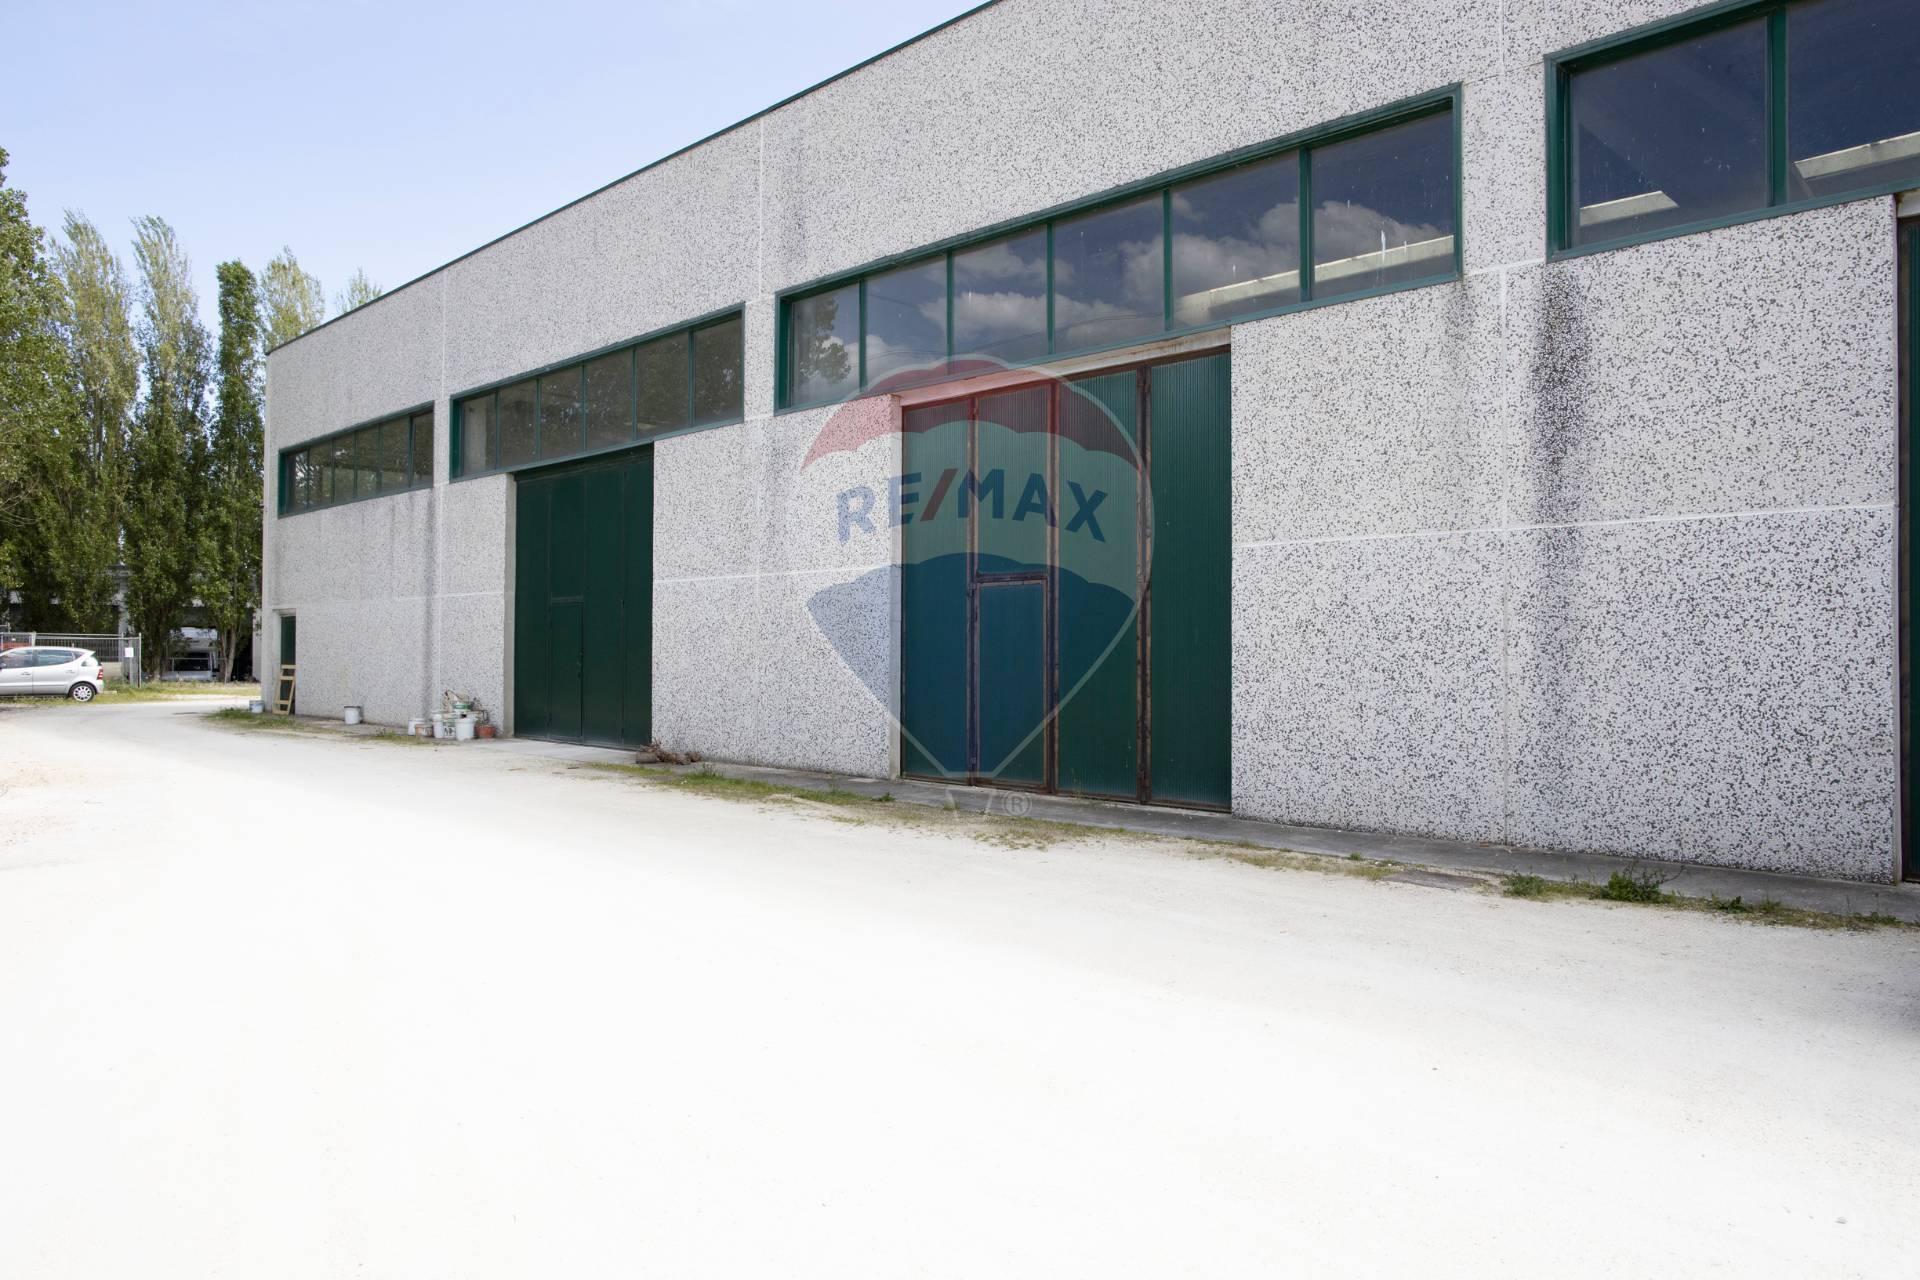 Capannone in vendita a Montemarciano, 9999 locali, prezzo € 167.000 | CambioCasa.it